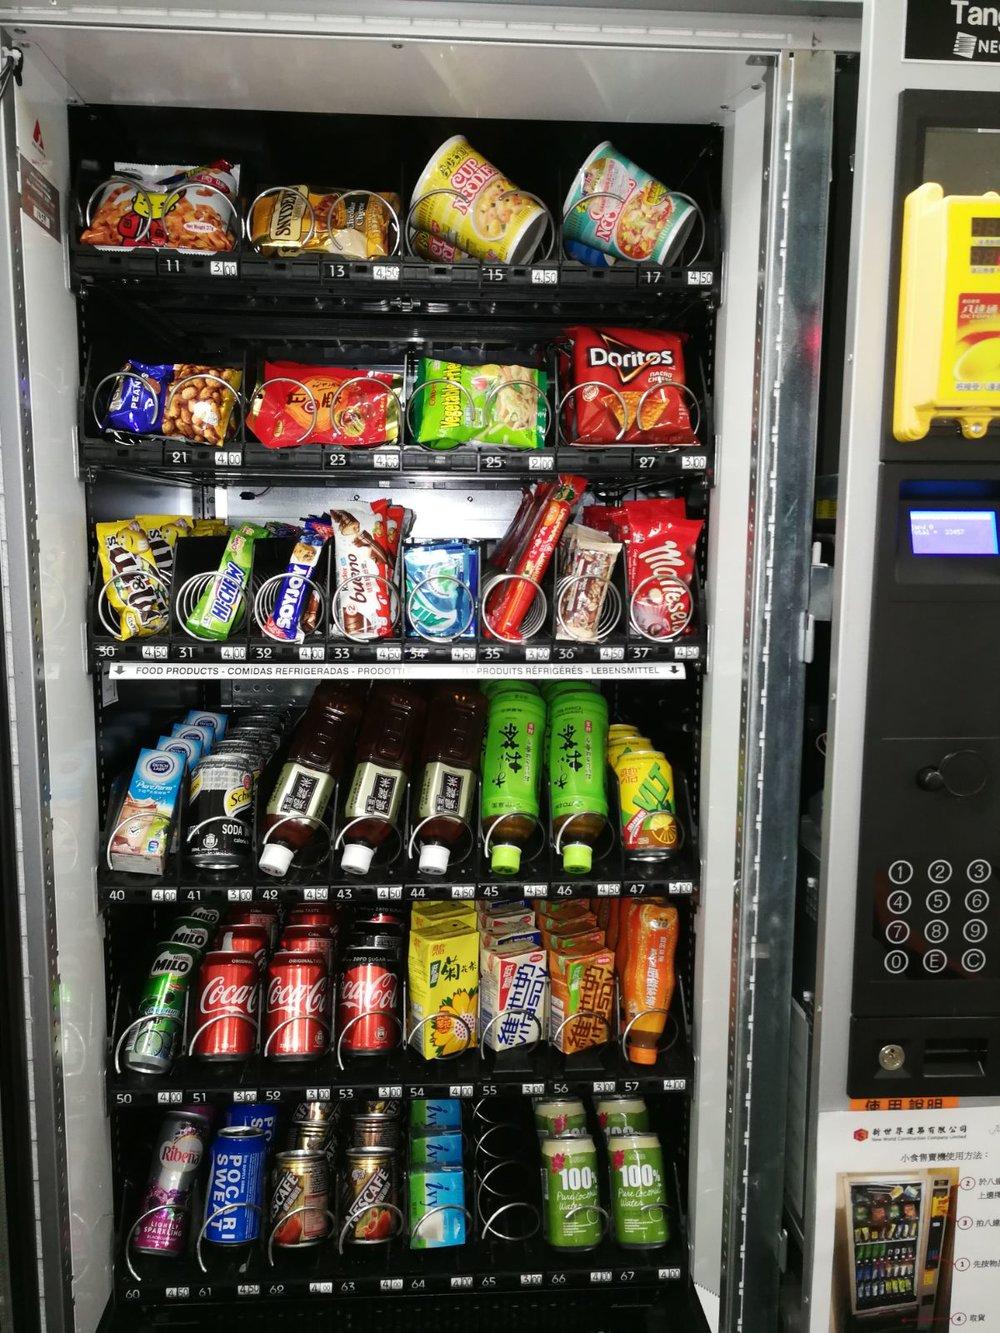 FreshUp,自動售賣機,自動販賣機,零食,飲品,方便,快捷,智能,企業,公司,信任,新世界